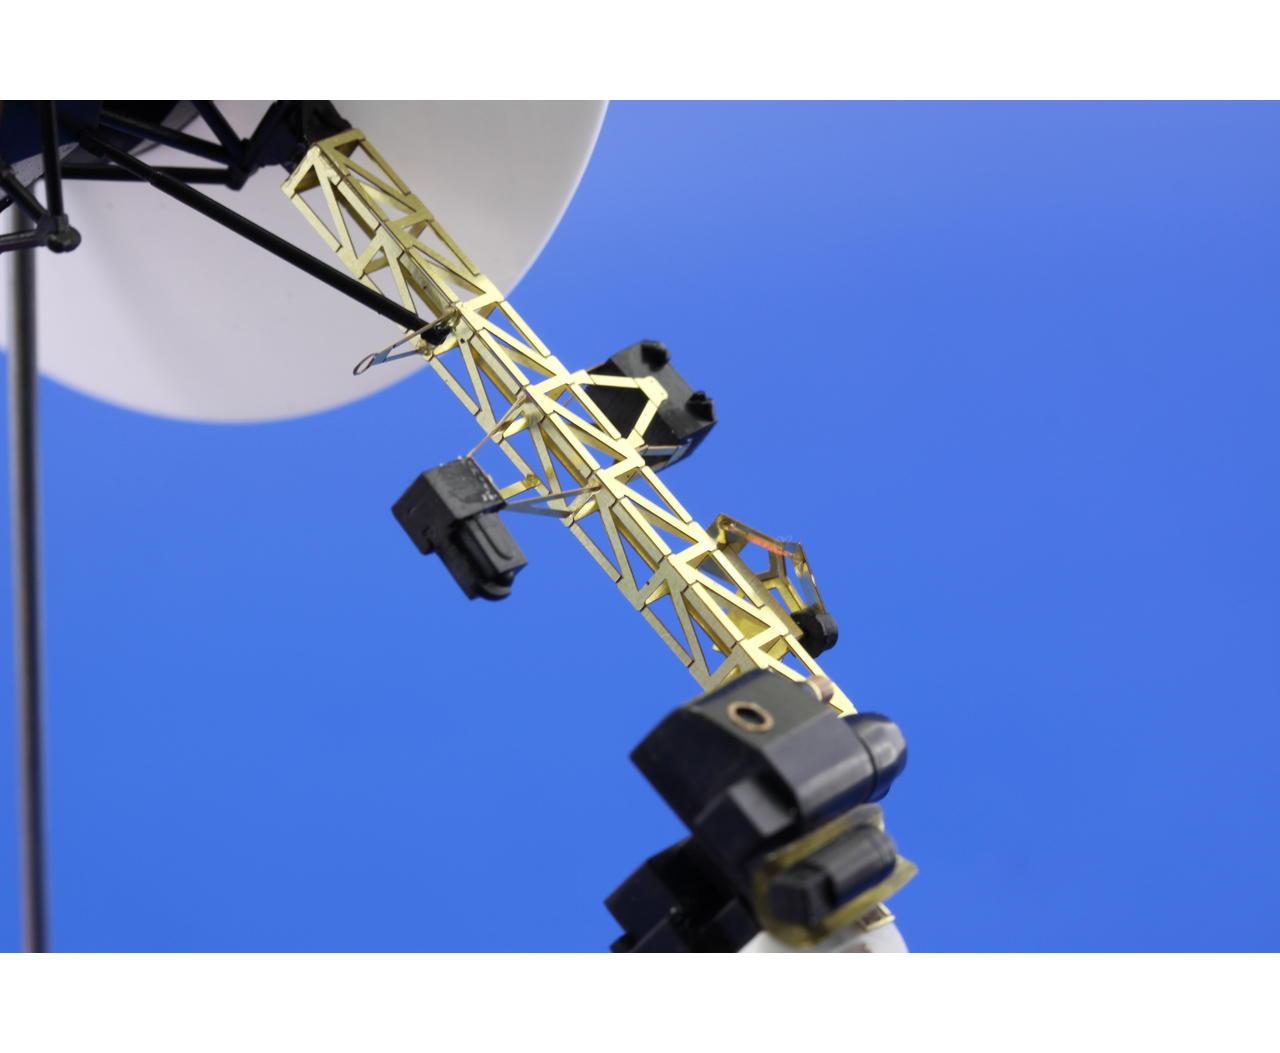 Eduard 48761 PE Teile für die Voyager Raumsonde in 1:48 von Hasegawa